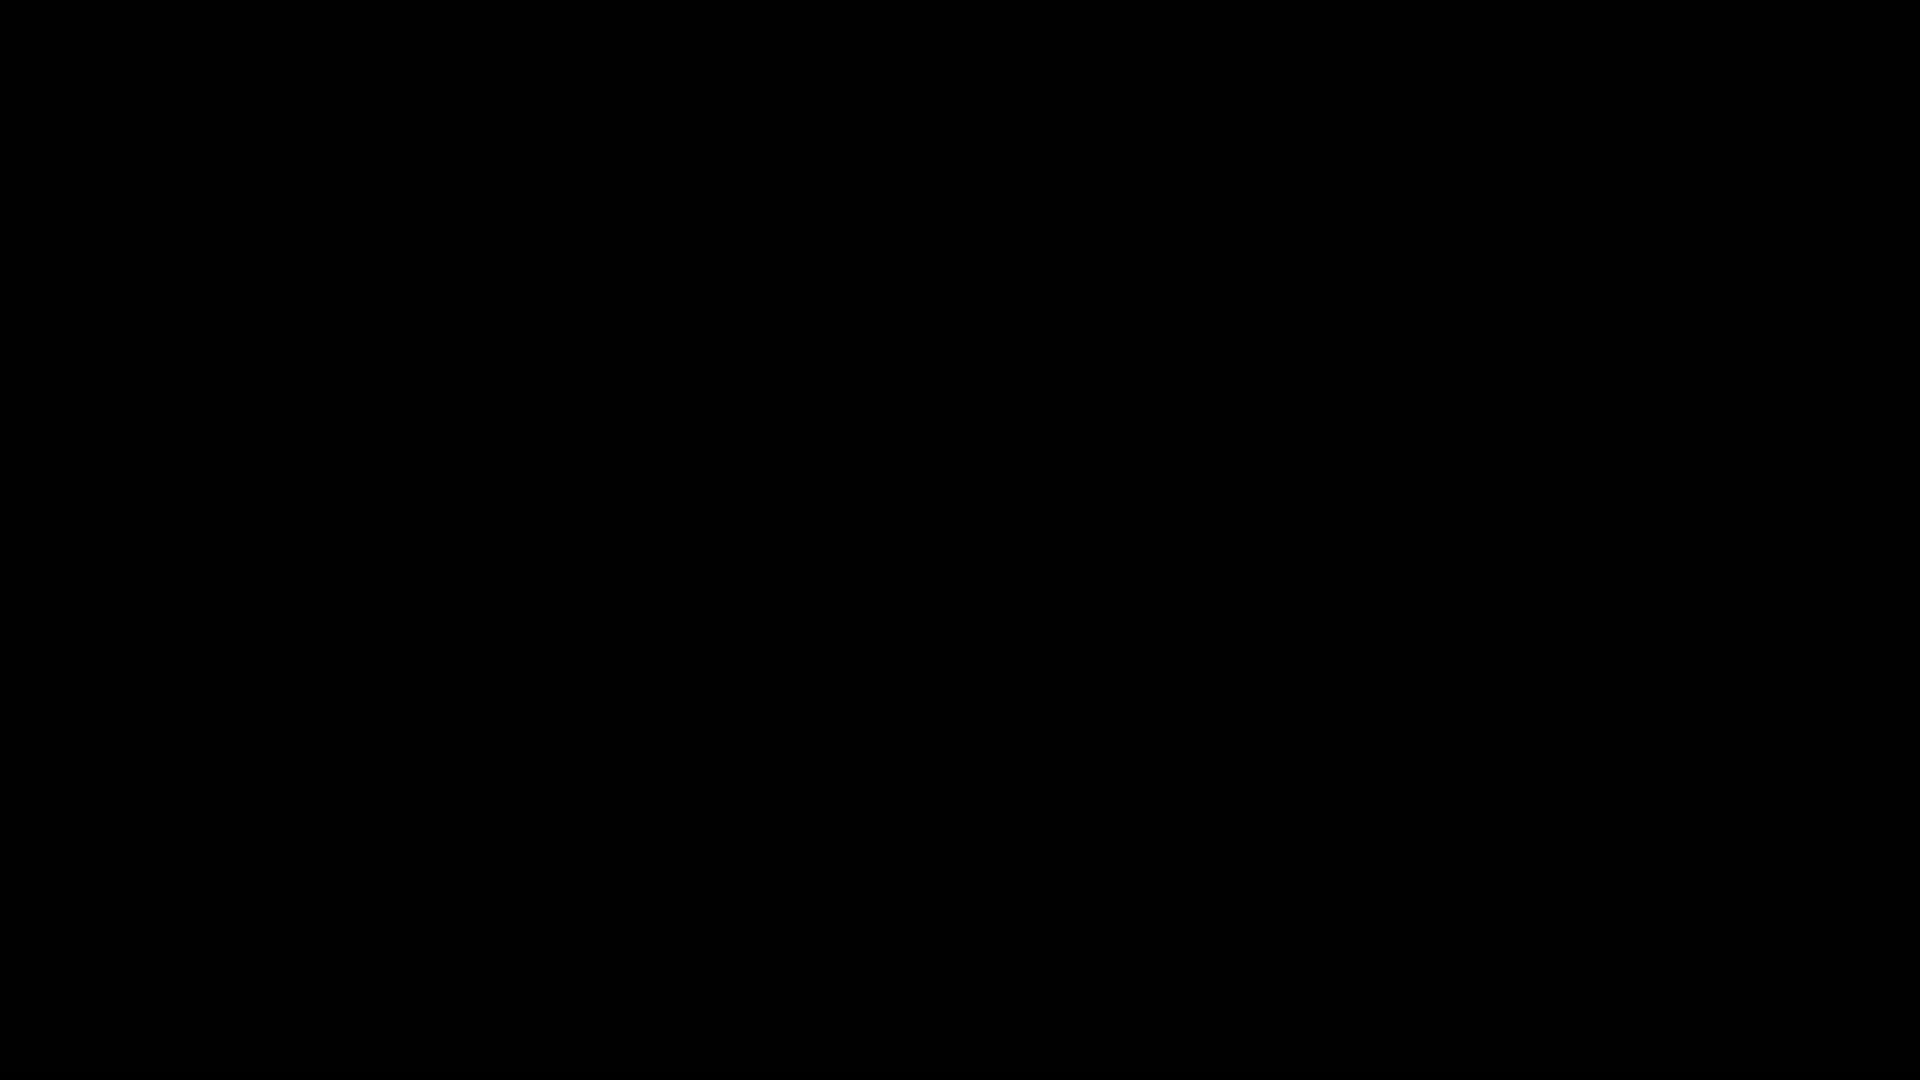 放課後美少女ファイル No.4~ぽちゃかわピュアガール~ - MERU【正常位 パイズリ 騎乗位 背面座位 側位 中だし】